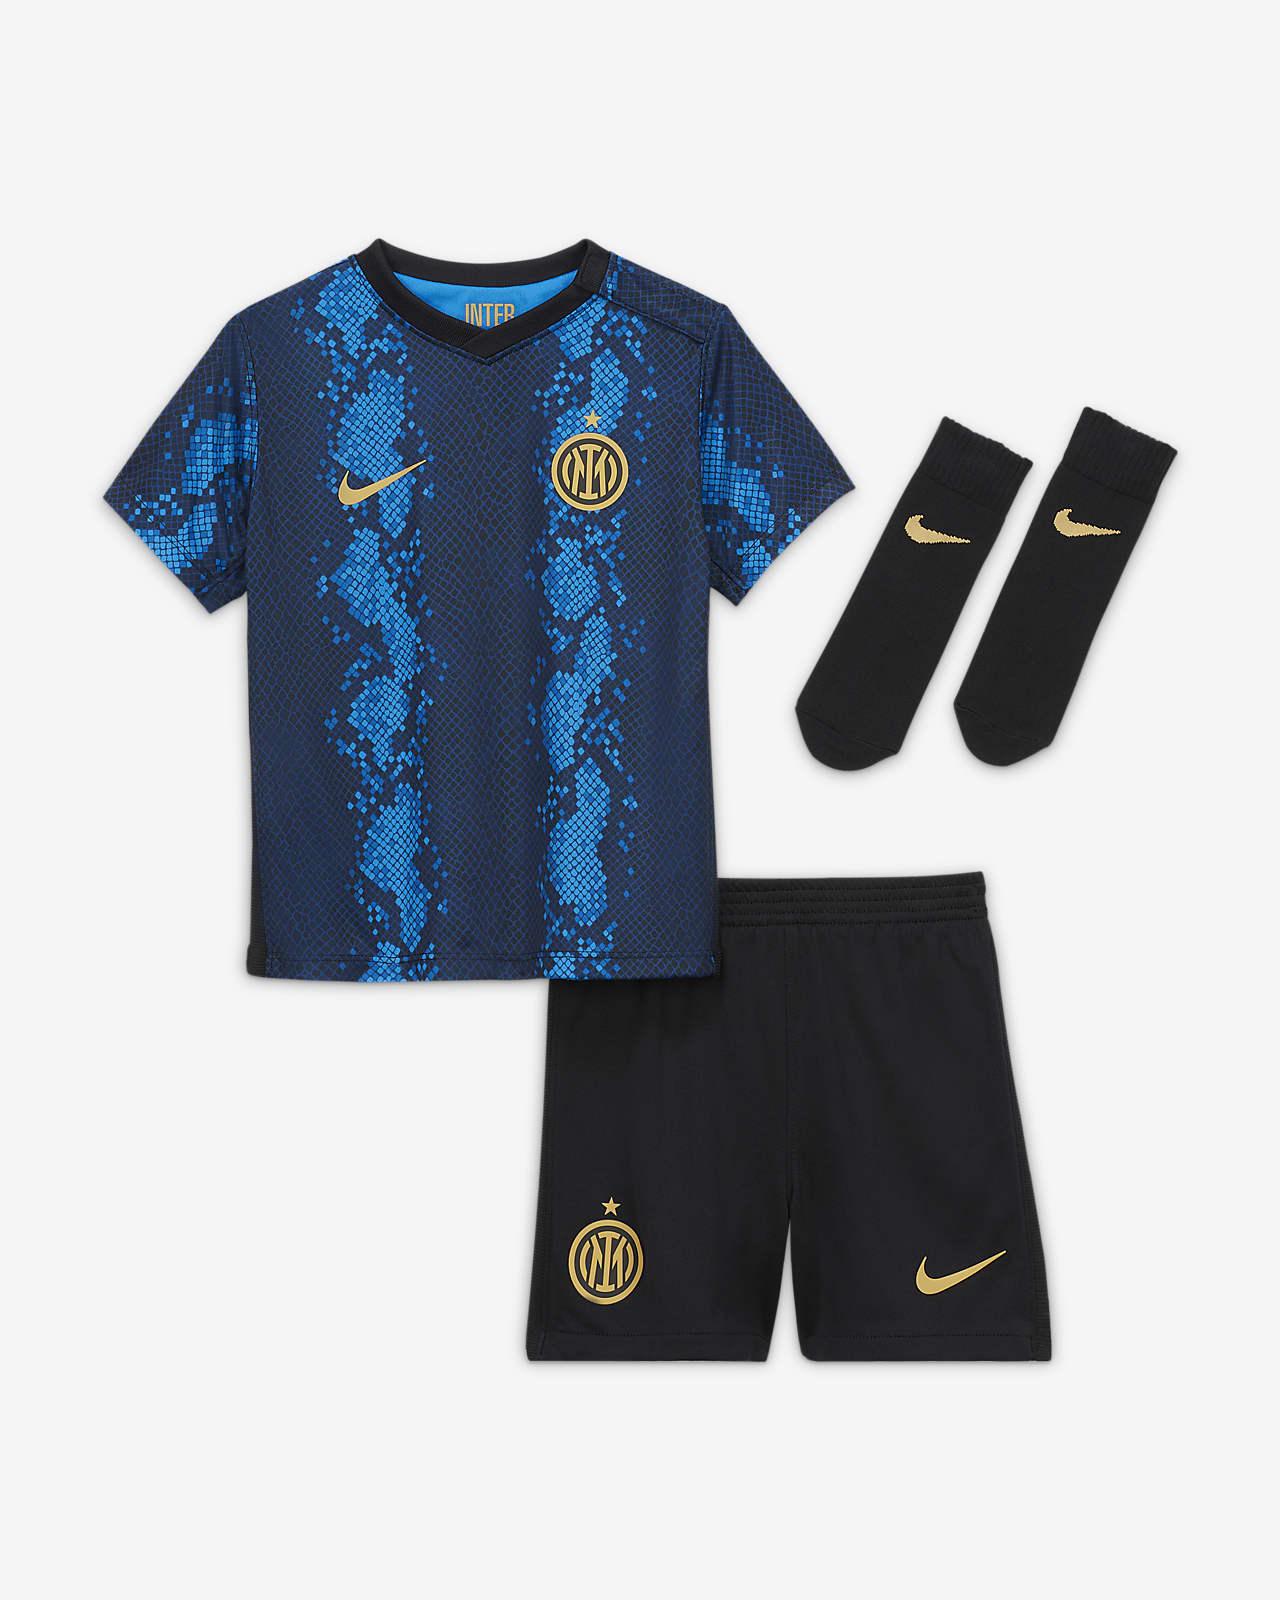 Primera equipación Inter de Milán 2021/22 Equipación de fútbol - Bebé e infantil